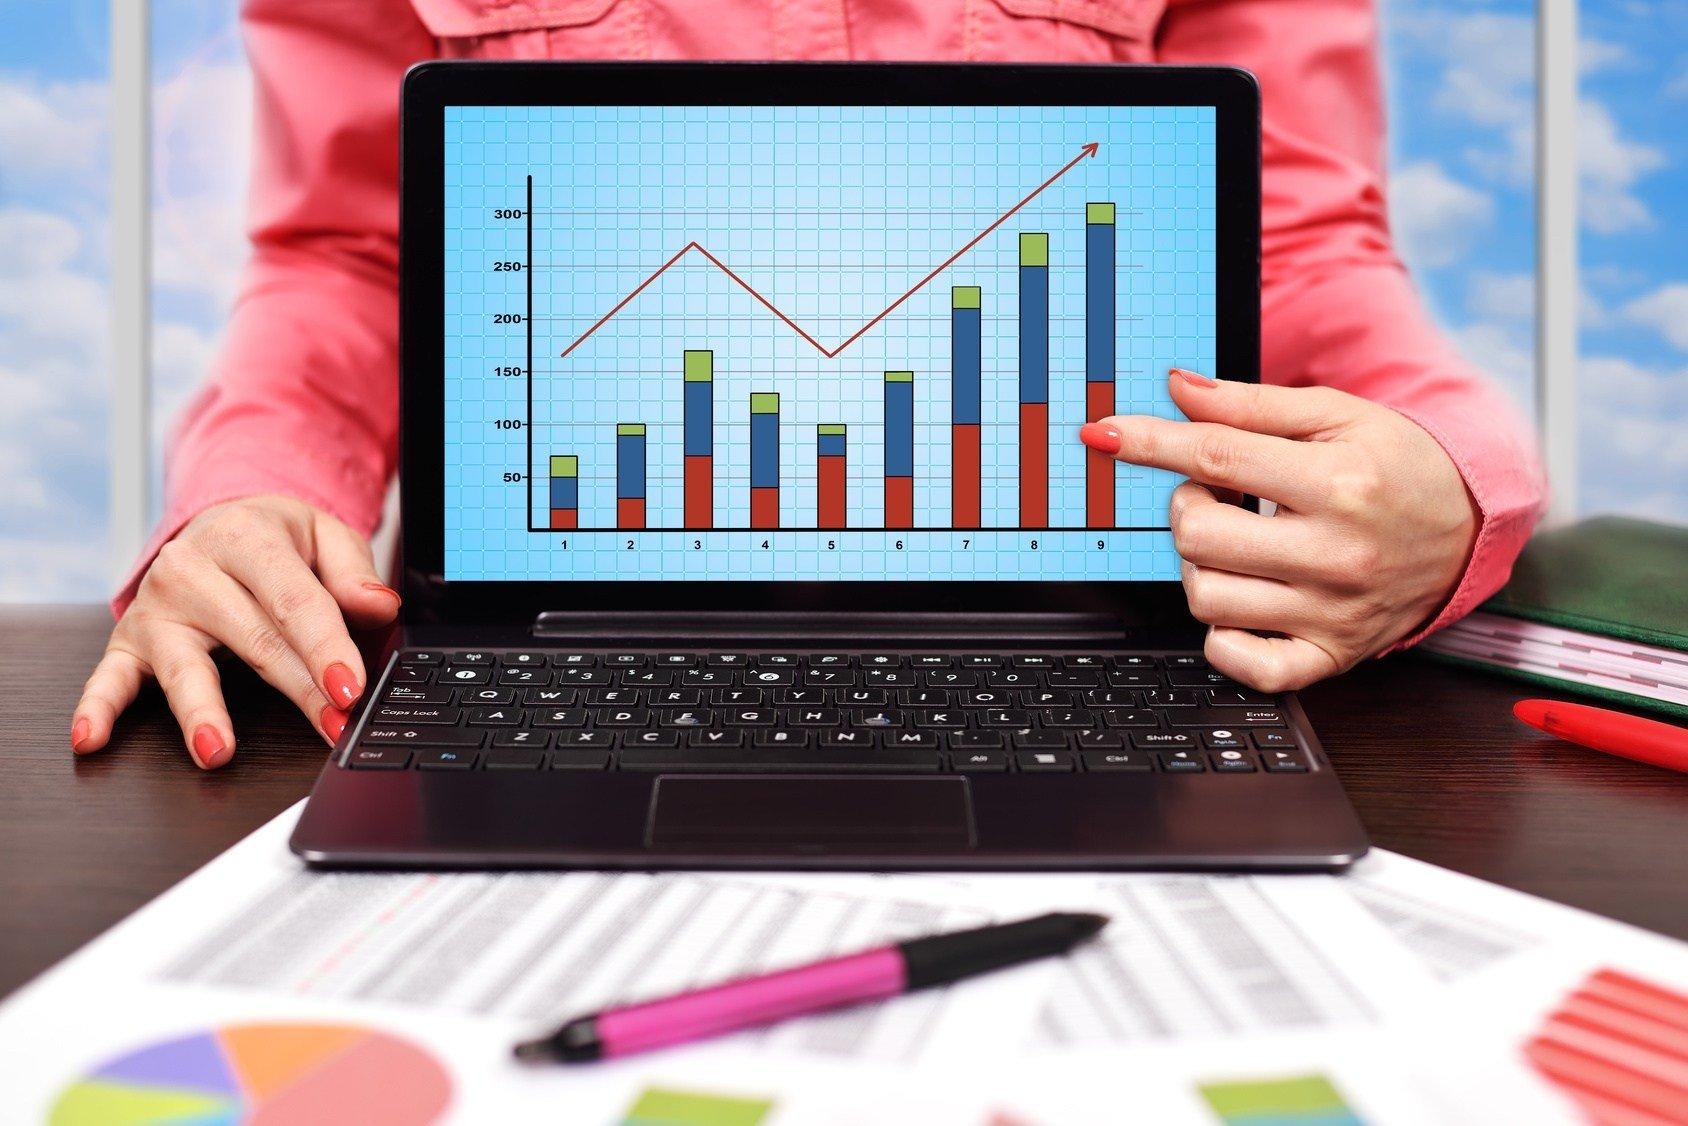 Come e quanto investono gli italiani nel trading online?